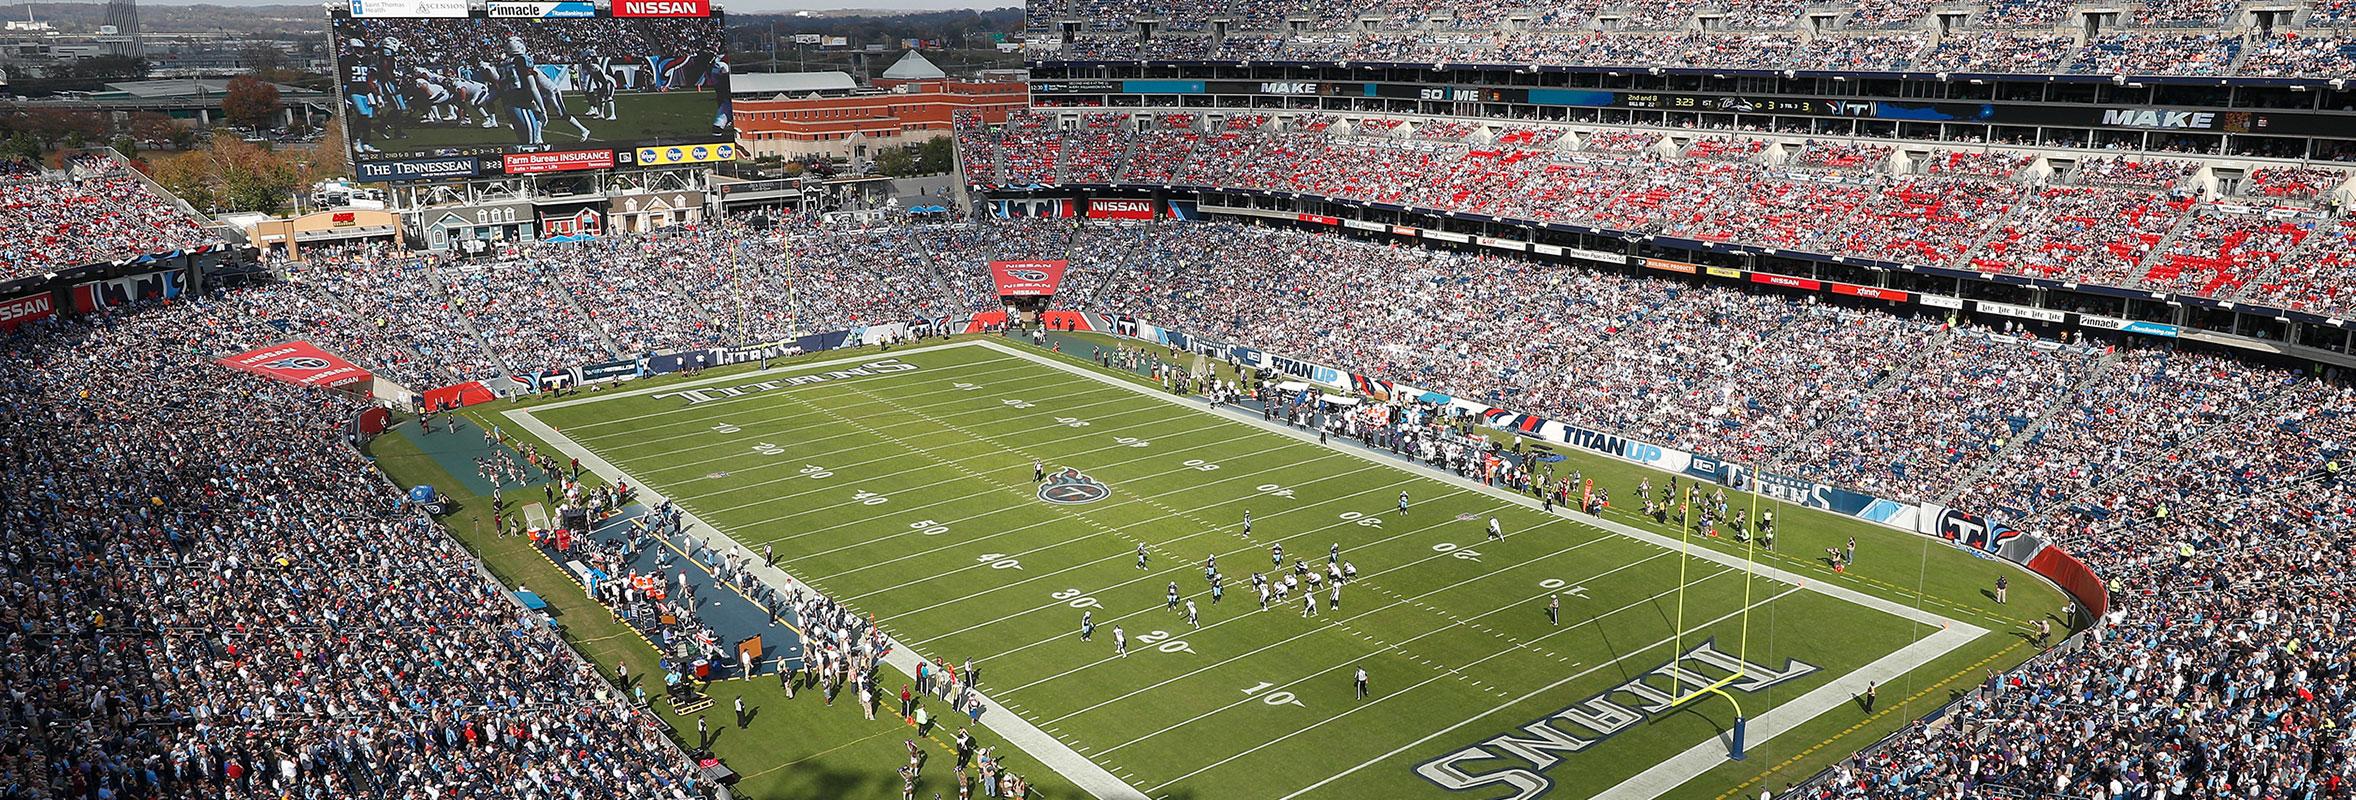 Titans-Stadium-C&D-Debris-Management_stadium.jpg